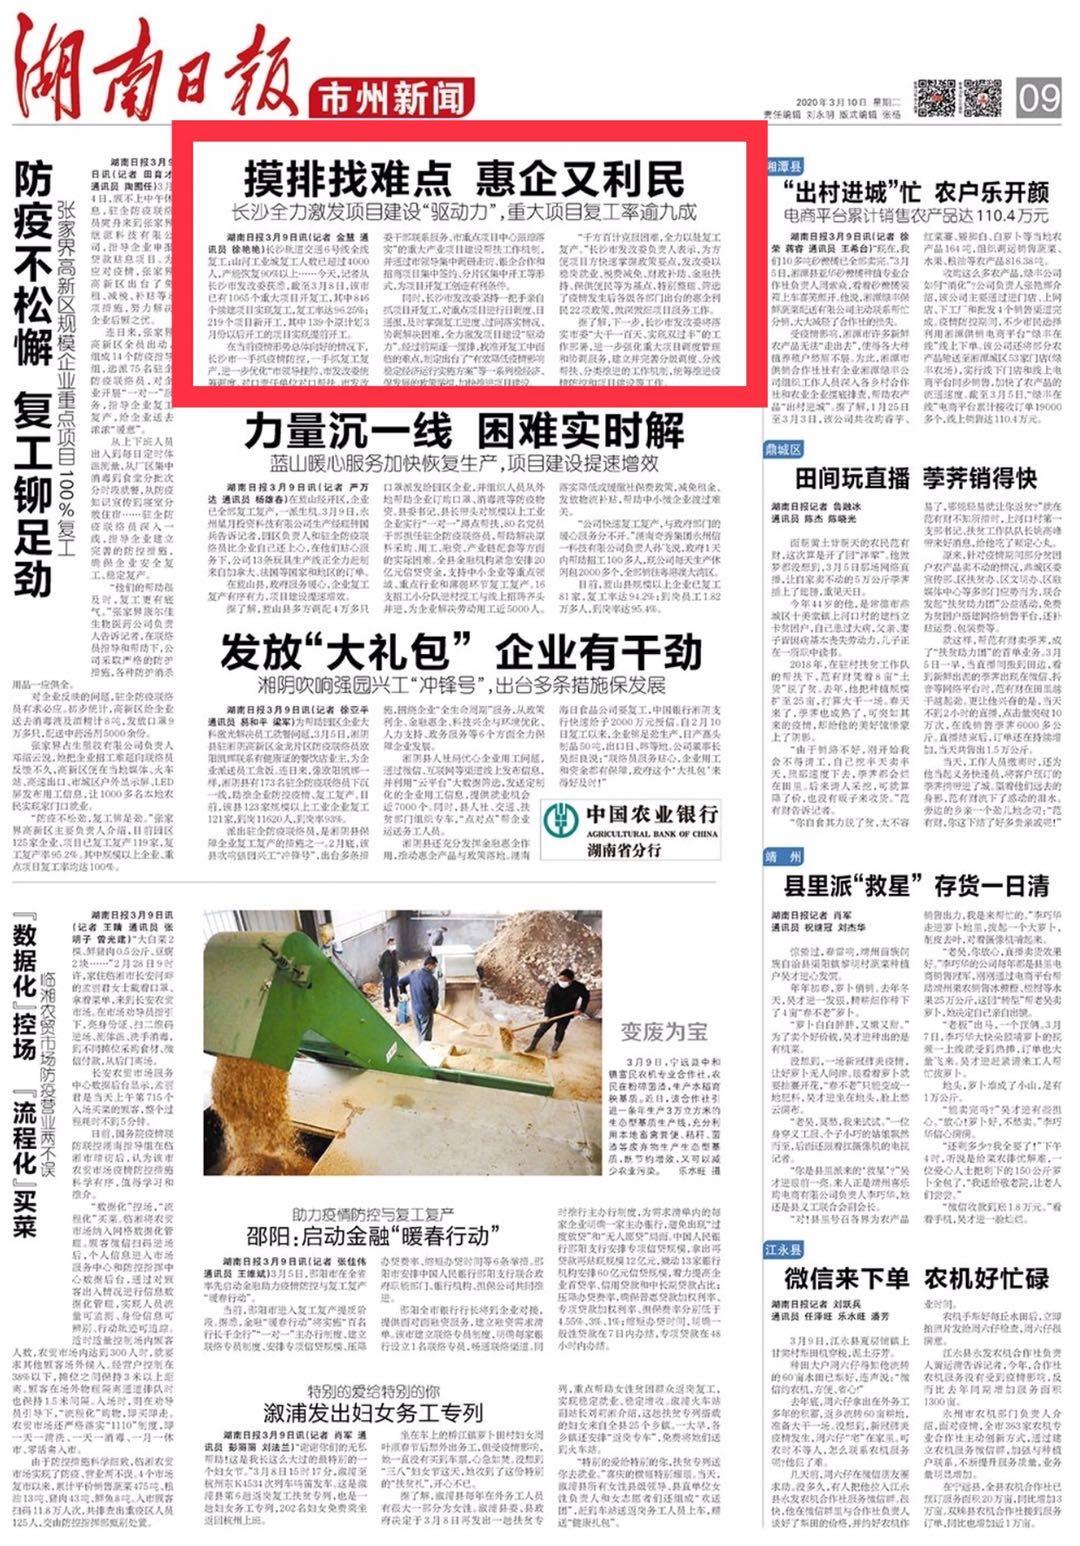 """长沙全力激发项目建设""""驱动力"""",重大项目复工率逾九成 新湖南www.hunanabc.com"""